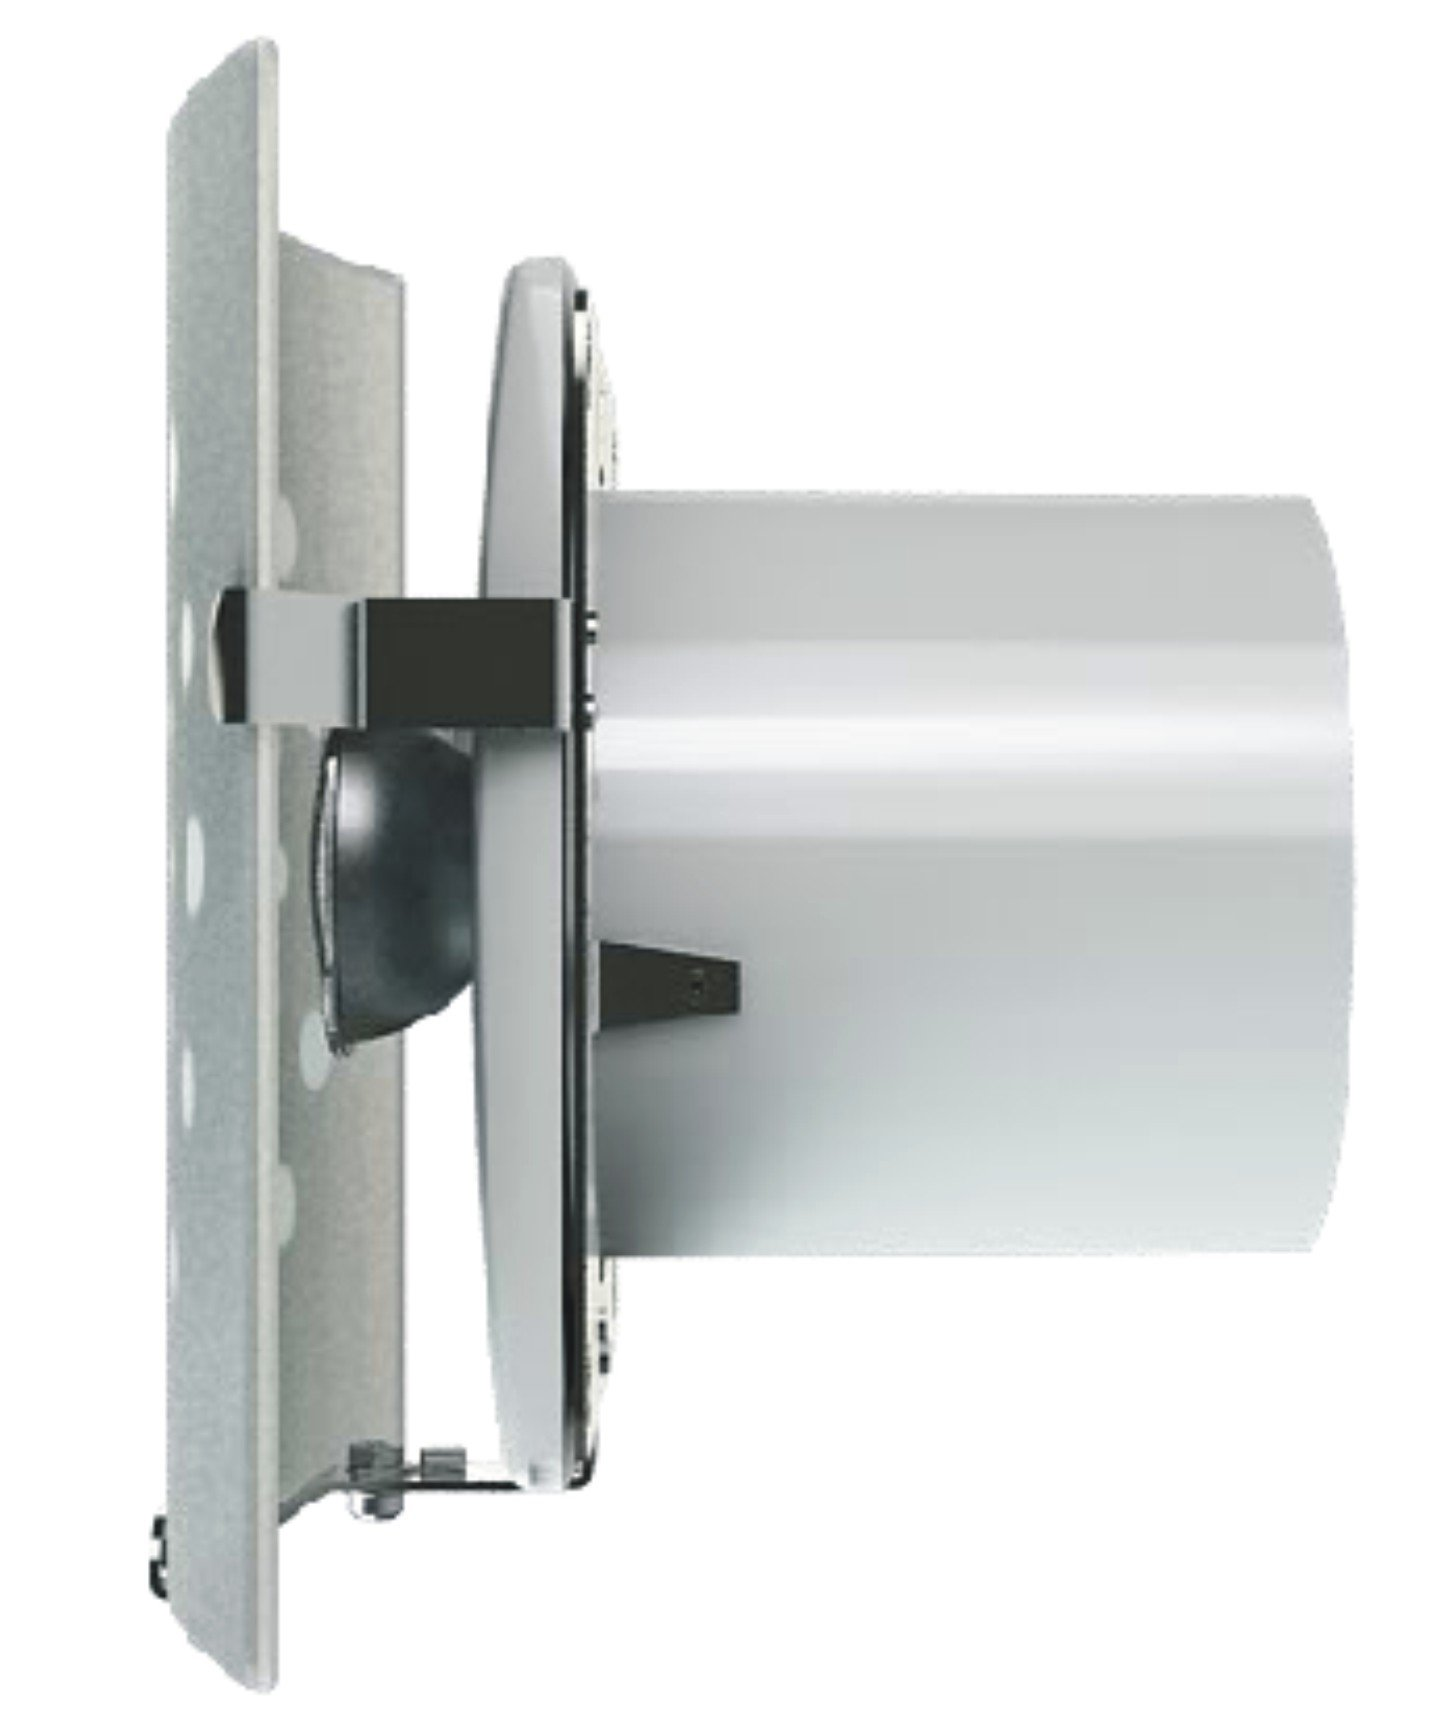 Центробежный фильтр - Ecologenergy - очистка газовых.